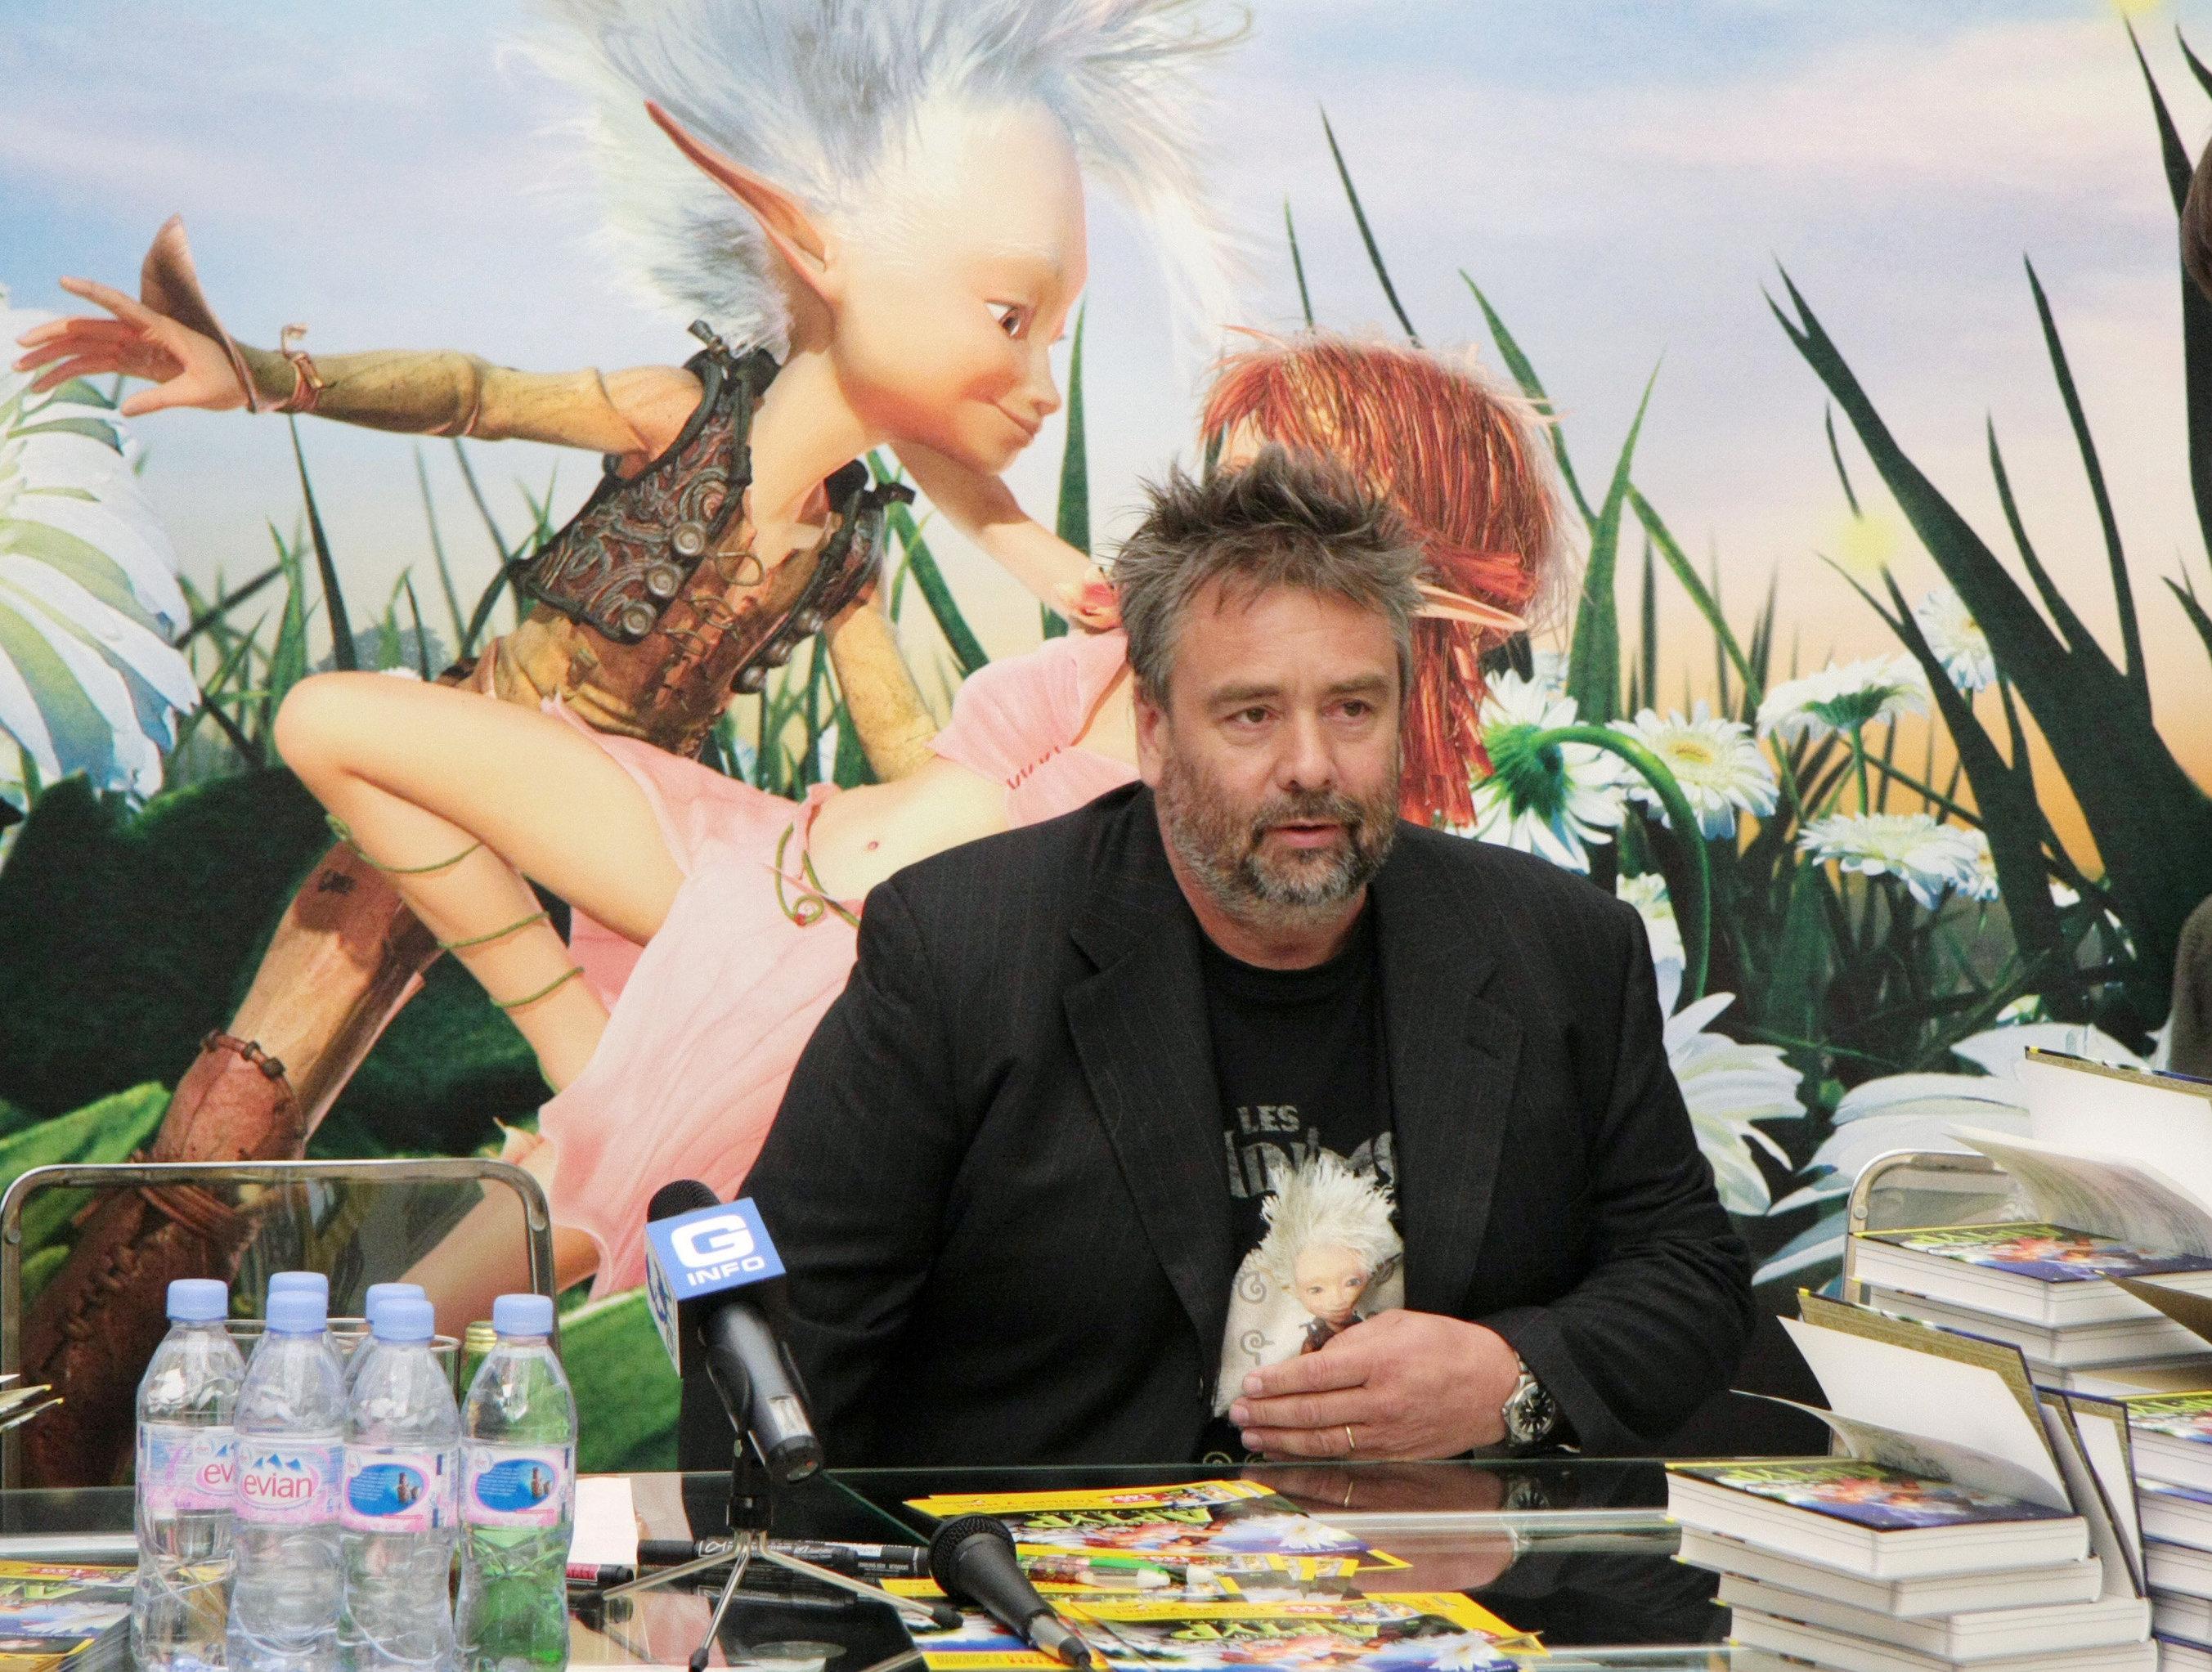 Французский режиссер Люк Бессон, прибывший в Москву для представления анимационного фильма Артур и месть Урдалака, во время автограф-сессии во Дворце связи Евросети в Москве